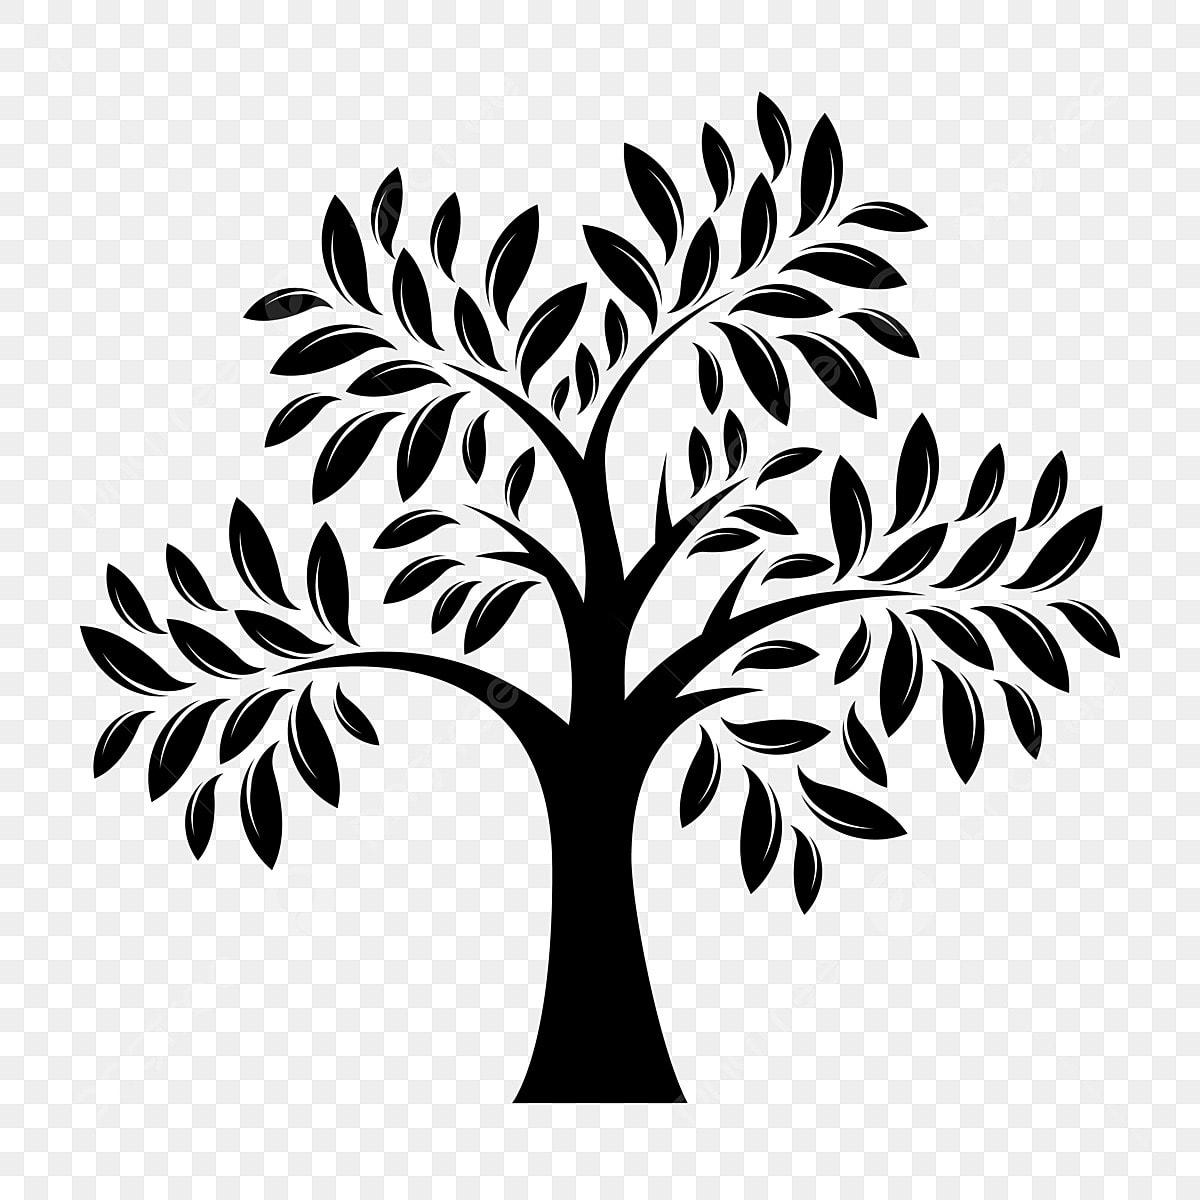 8194 silhouette free clipart   Public domain vectors